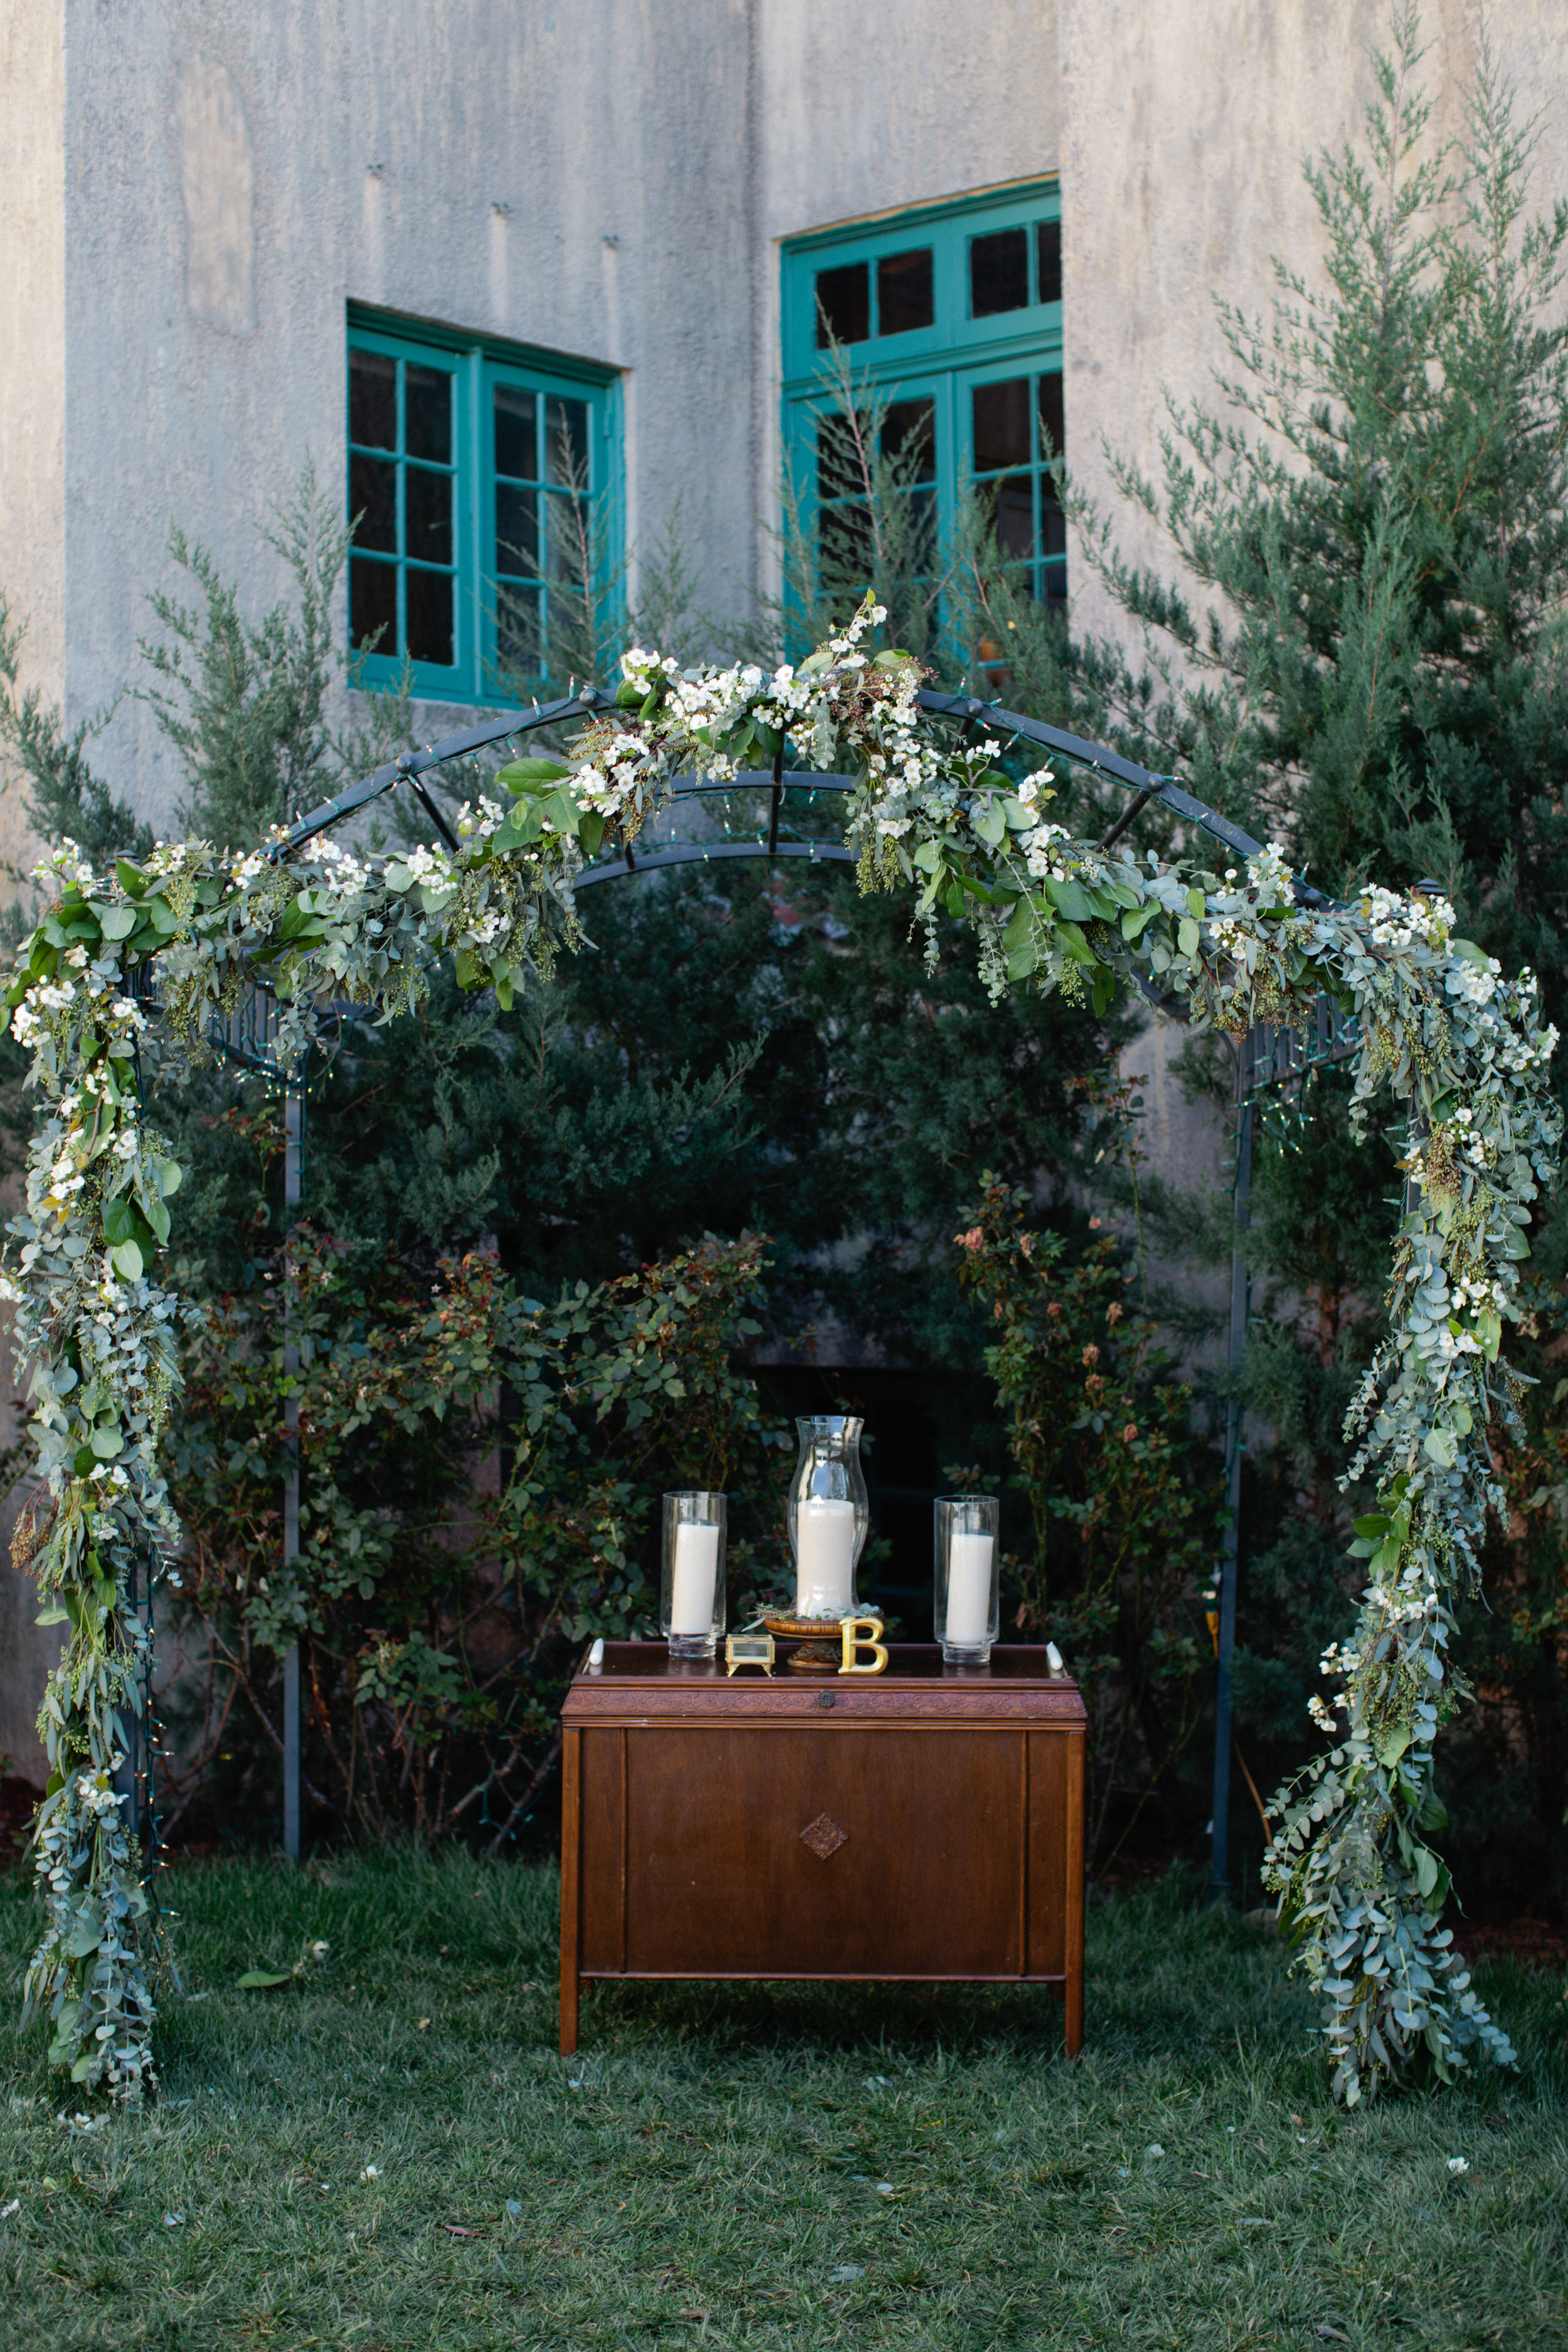 Beautiful vintage style wedding in Tulsa, OK - eversomething.com